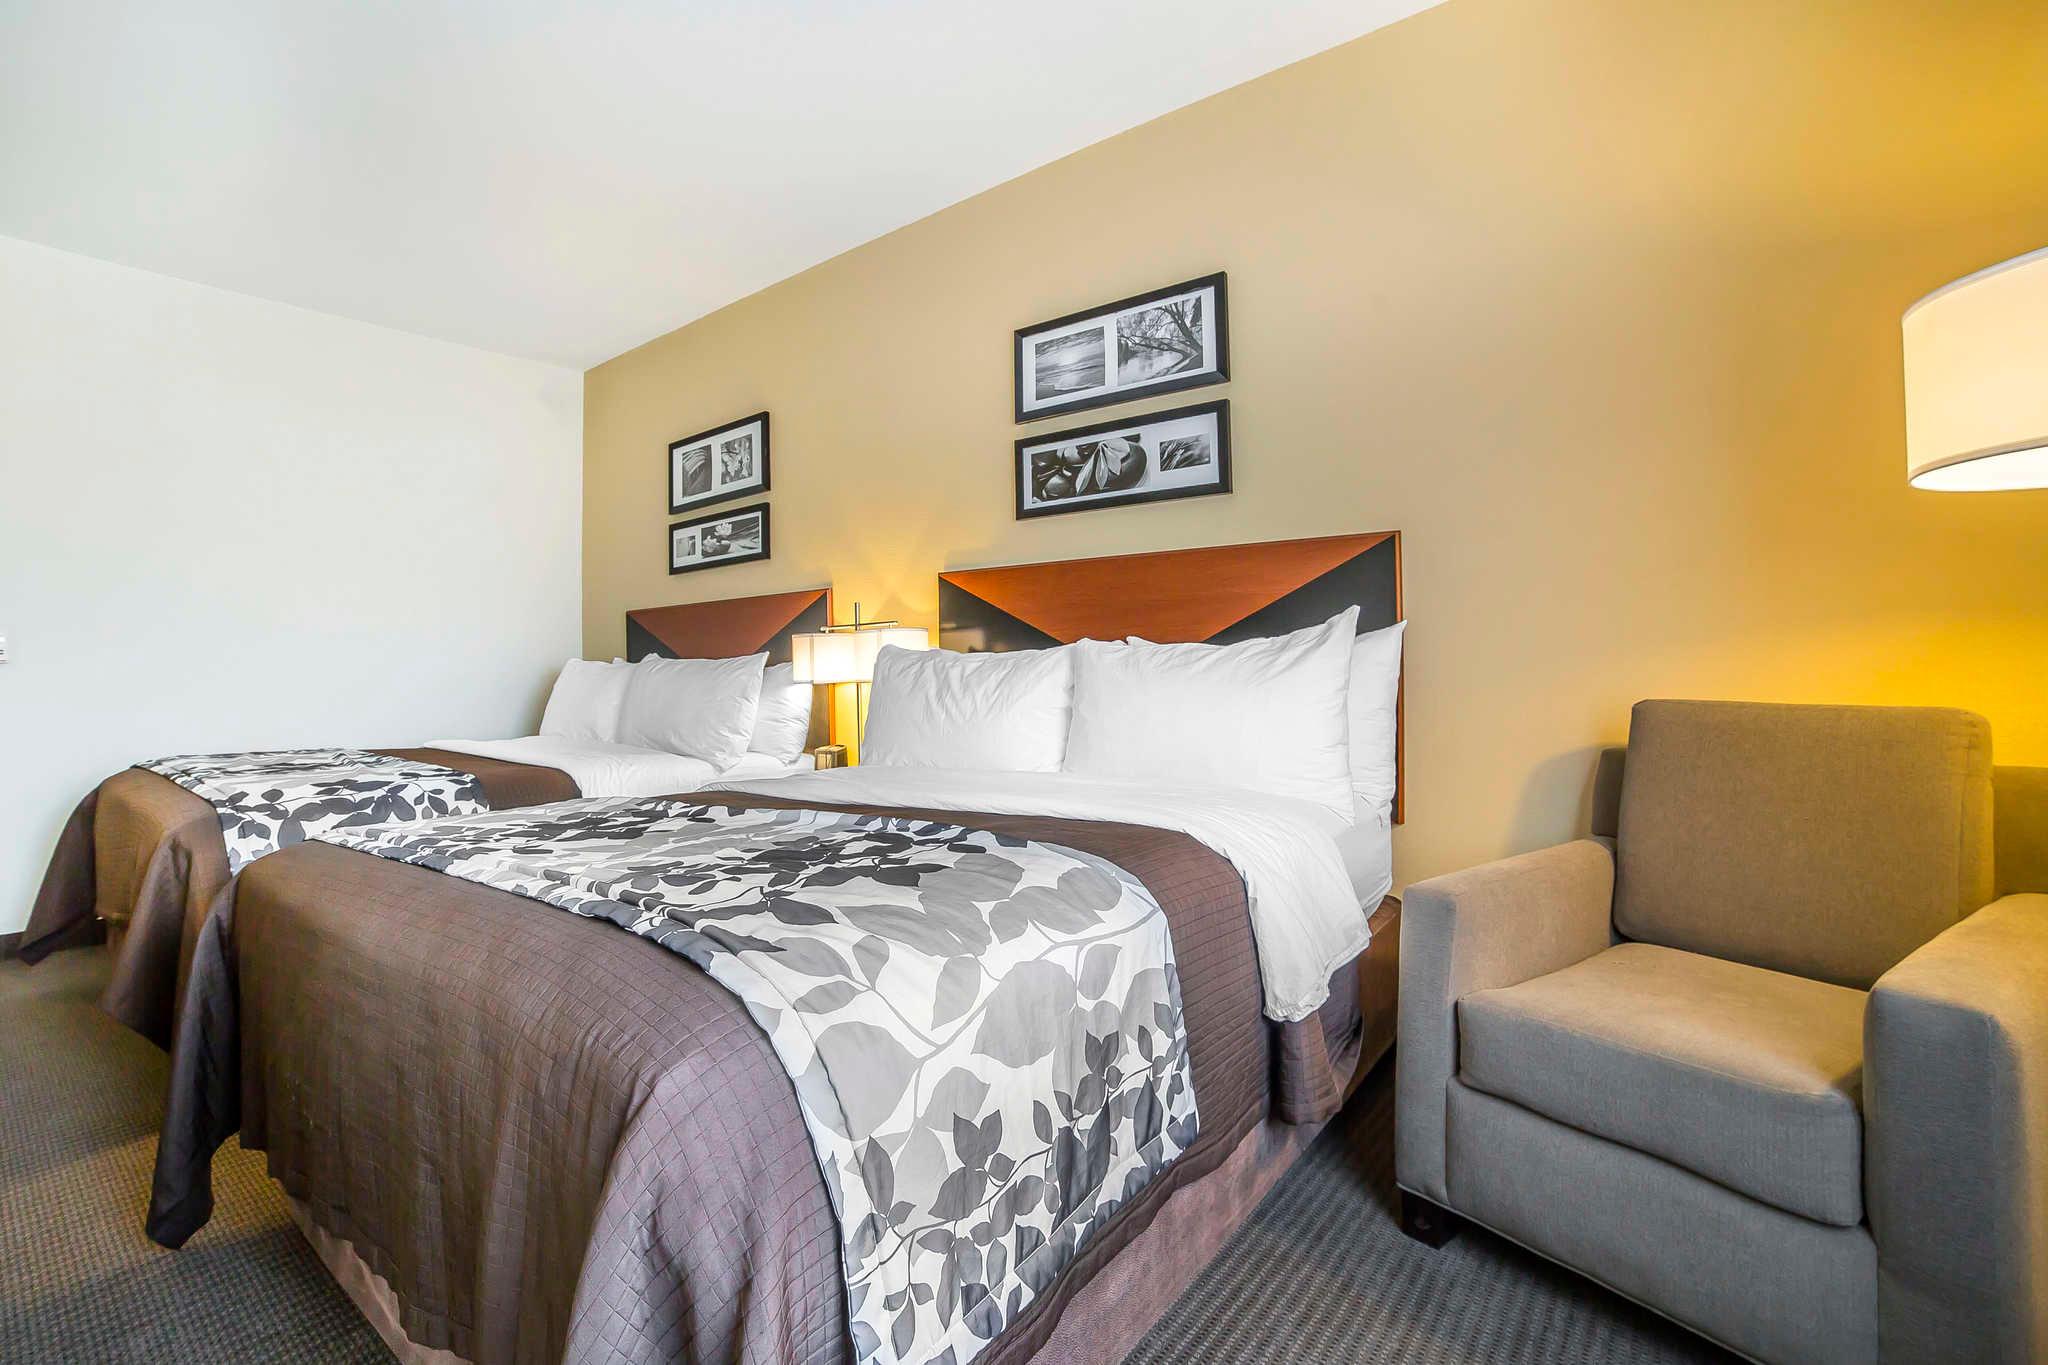 Hotel Rooms Douglas Wy